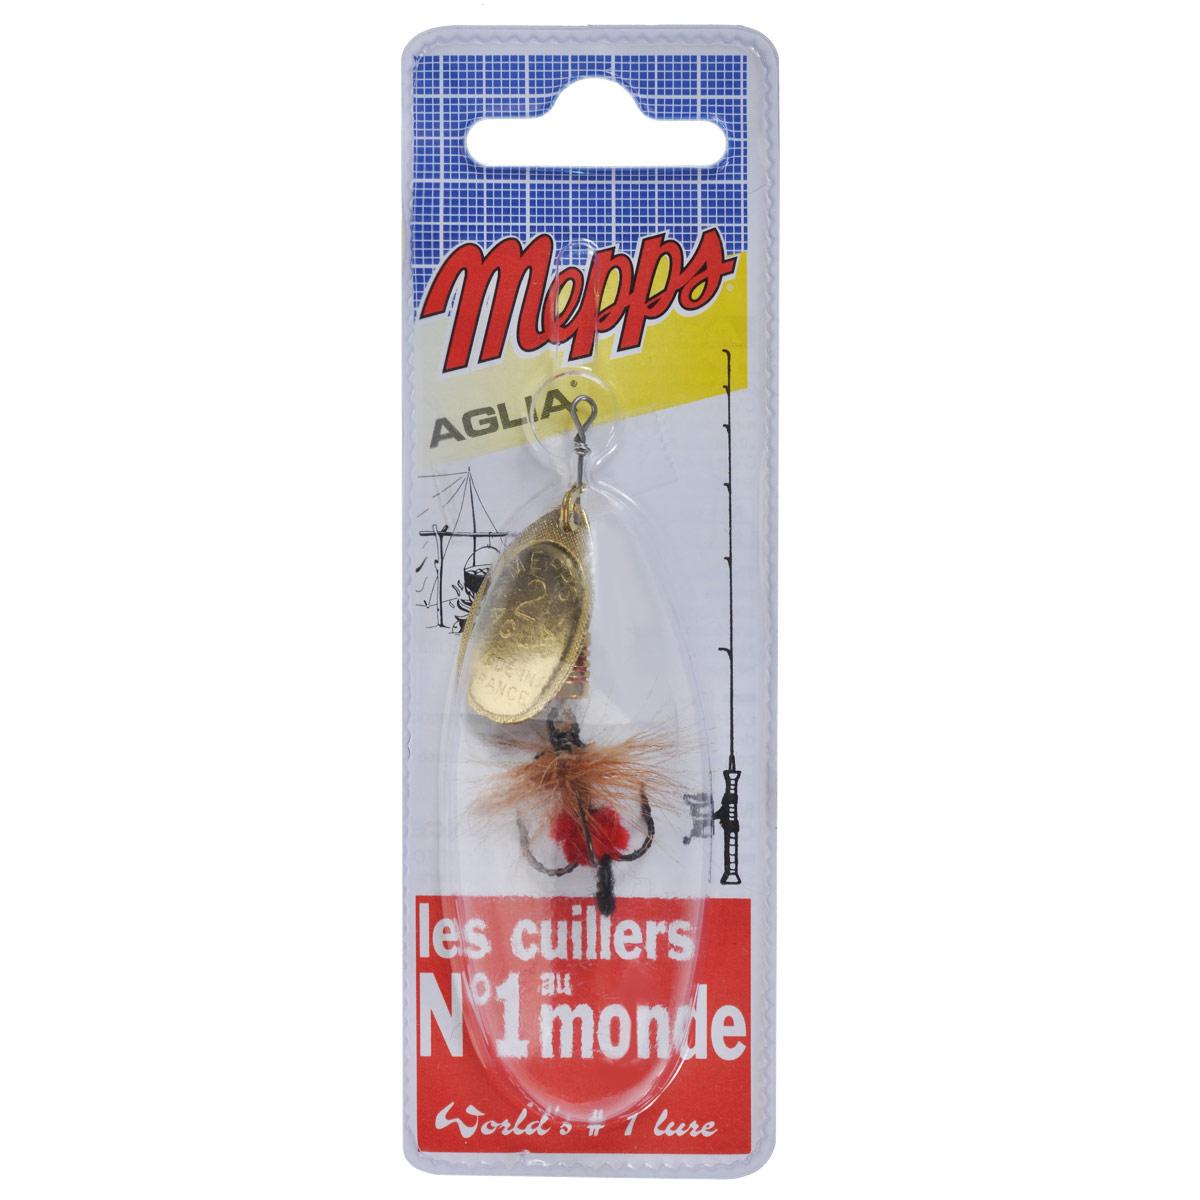 Блесна Mepps Aglia OR Mouch. Rouge, вращающаяся, №25742Вращающаяся блесна Mepps Aglia OR Mouch. Rouge оснащена мушкой из натурального беличьего хвоста, это очень эффективные приманки для ловли жереха, голавля, язя, окуня и других видов рыб, особенно в периоды массового вылета насекомых. Aglia Mouche - некрупная блесна, которая особенно подходит для летней ловли рыбы (особенно осторожной) на мелководье.